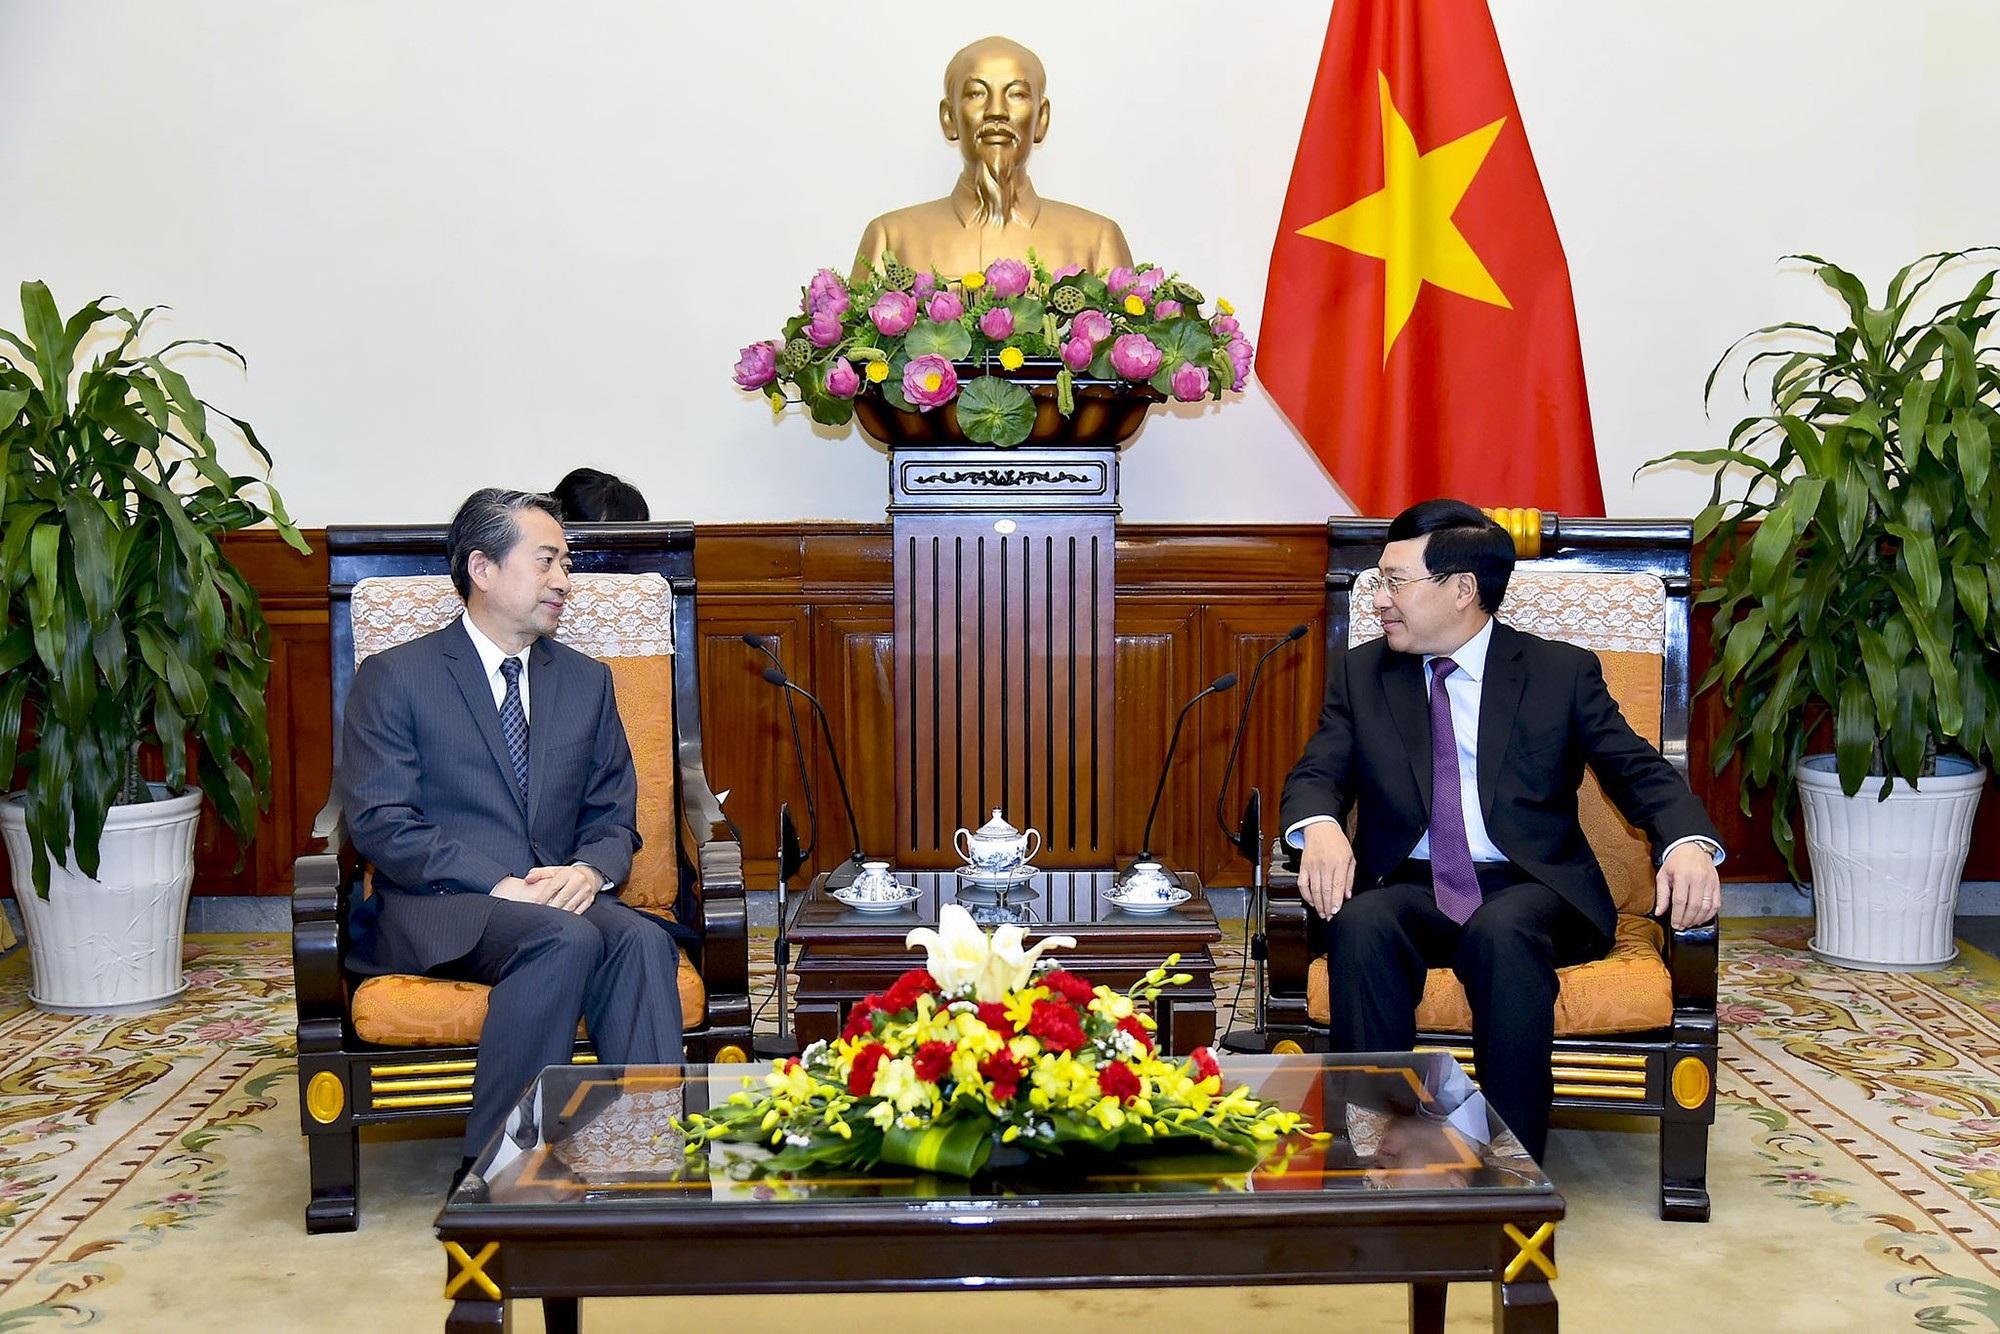 Phó Thủ tướng Phạm Bình Minh tiếp tân Đại sứ Trung Quốc tại Việt Nam - Ảnh 1.